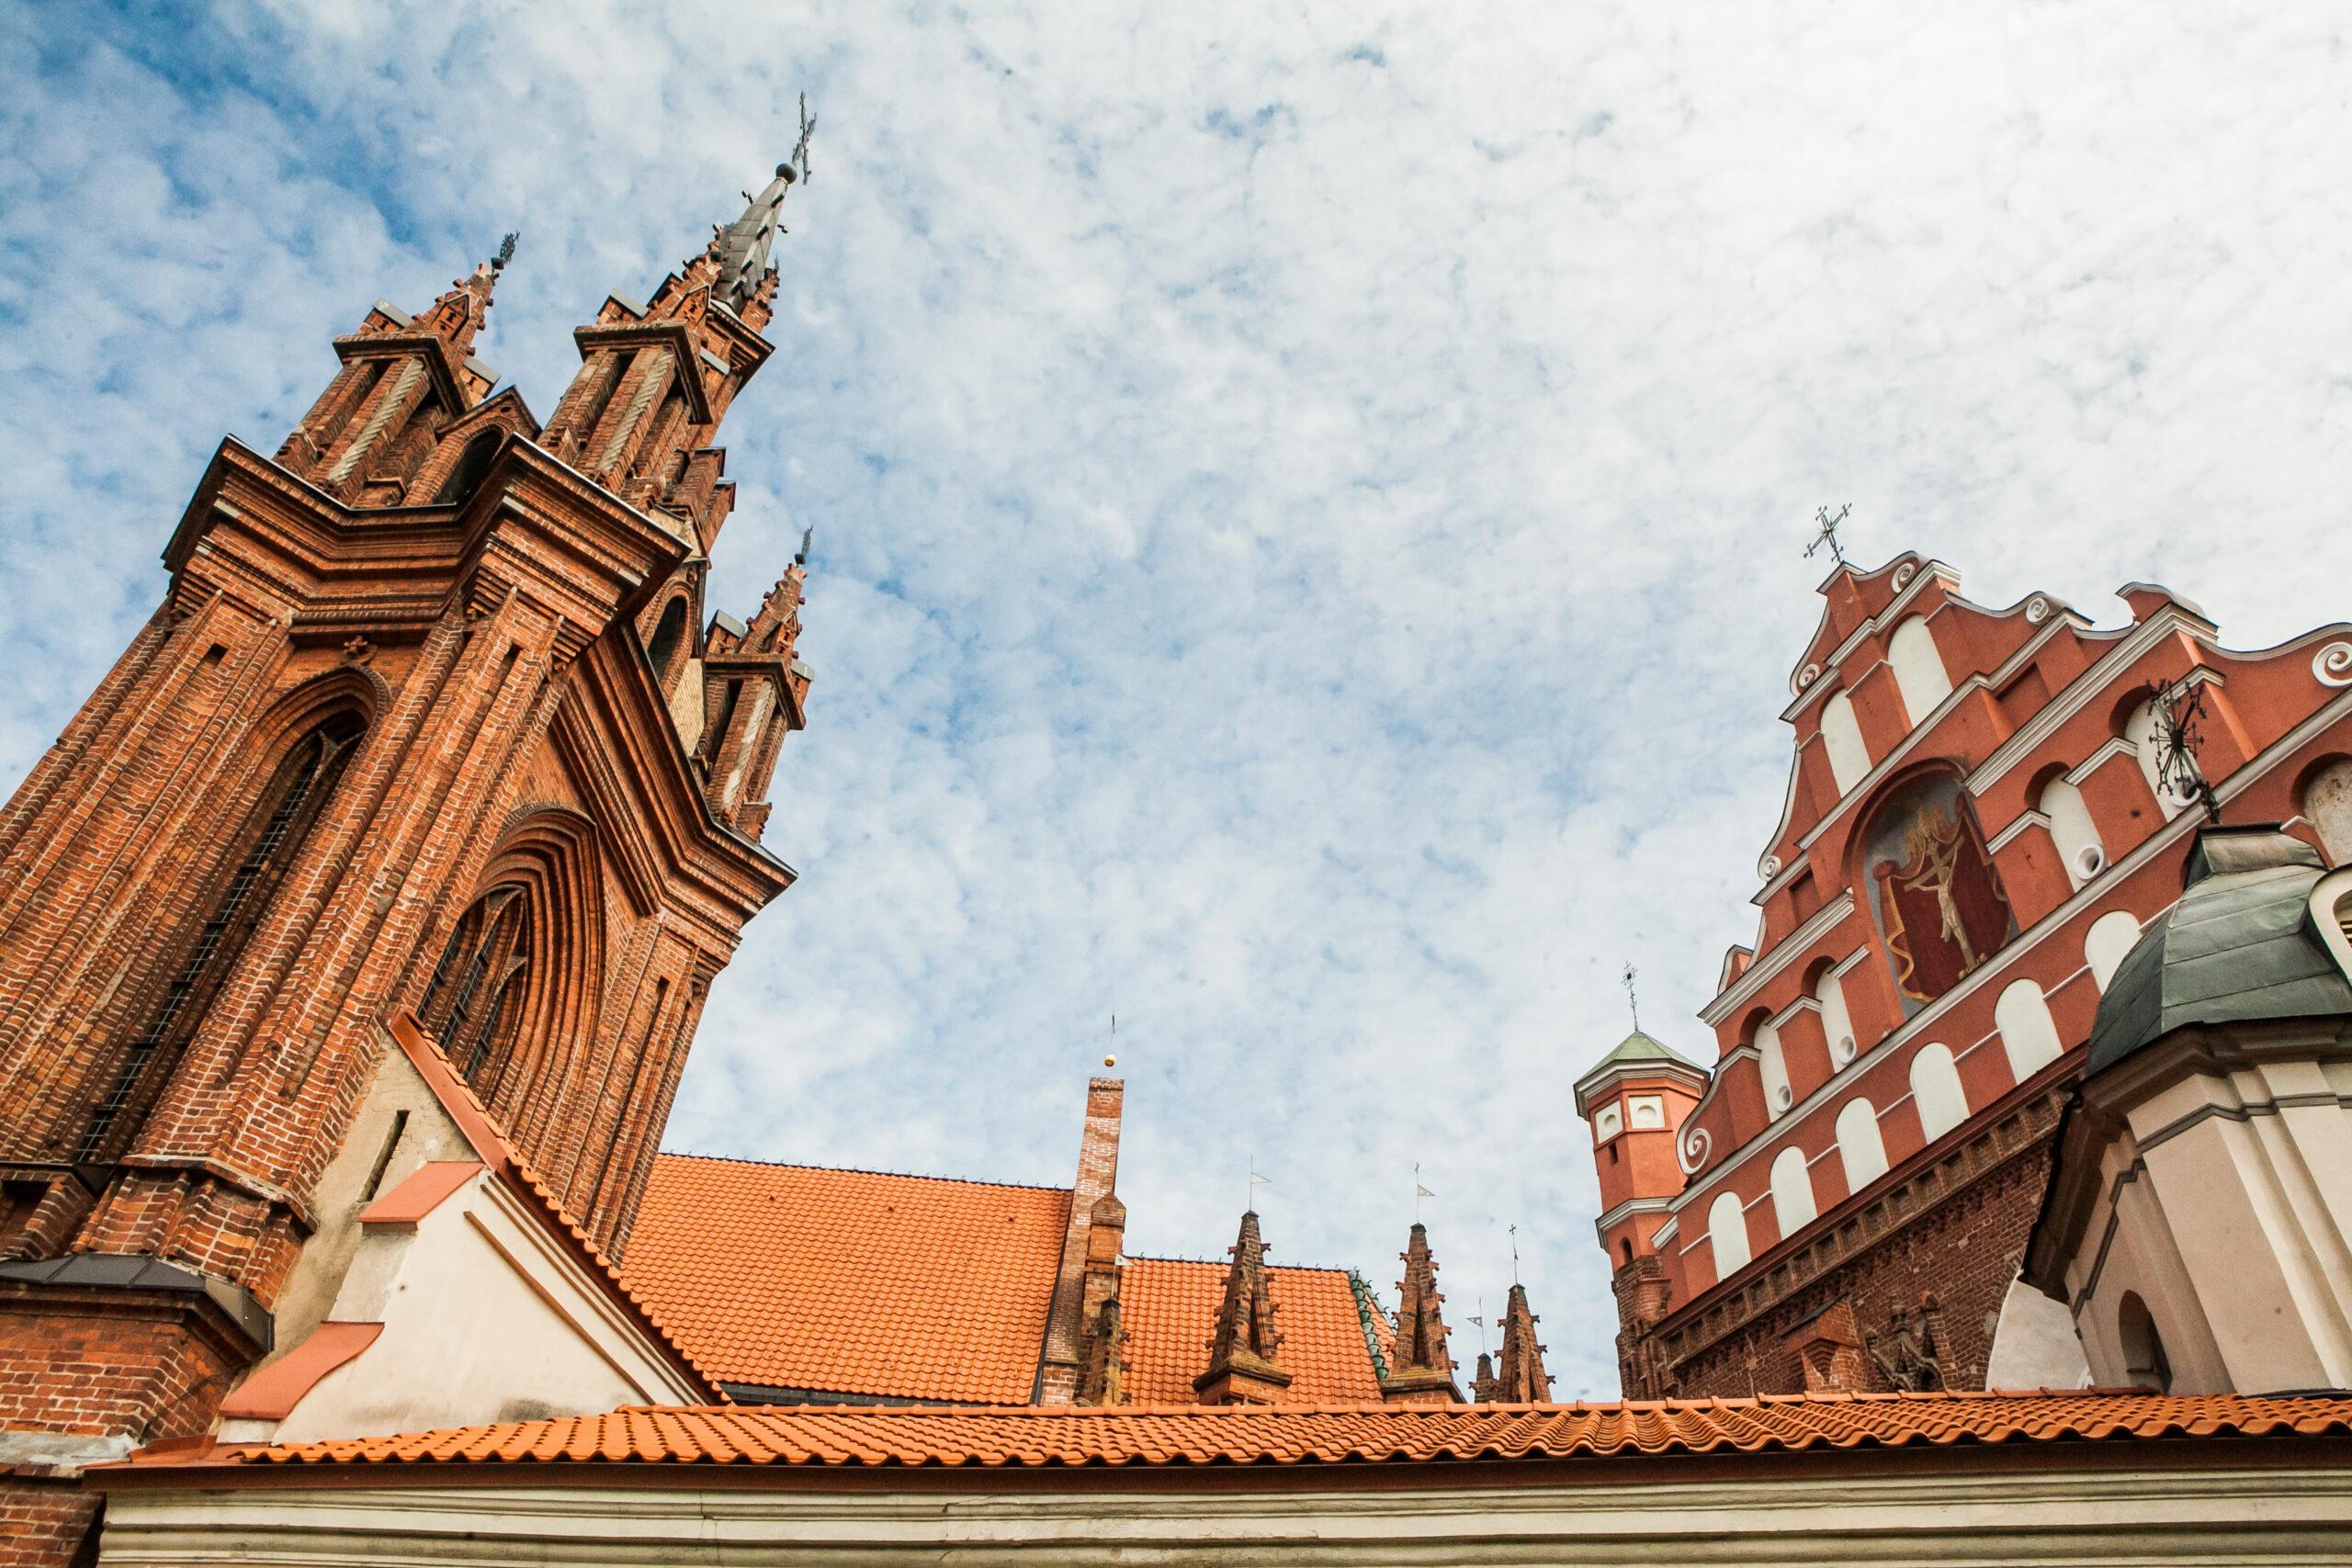 Bažnyčių bokštai.